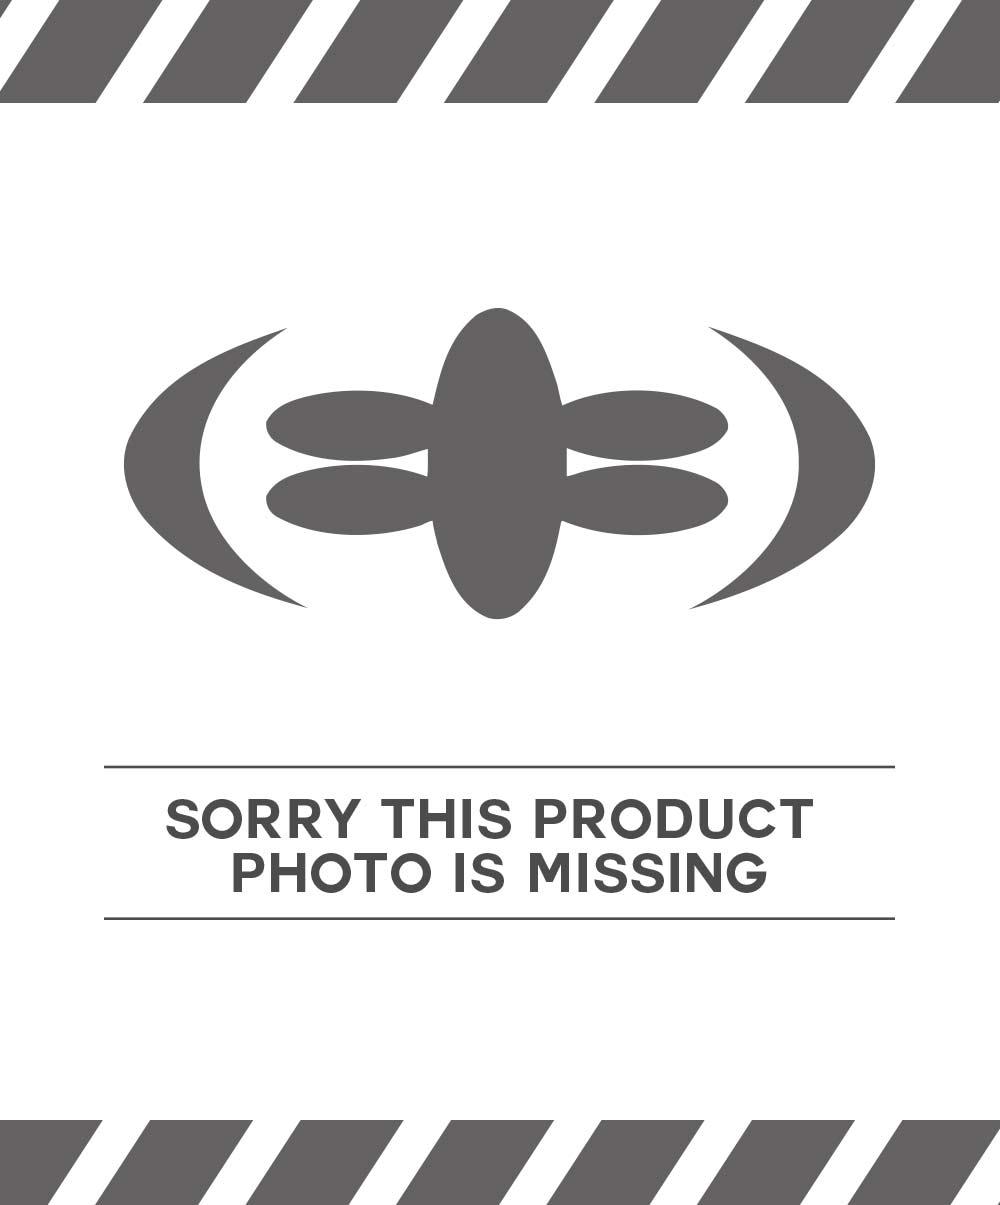 etc. Vueltas y vueltas Poderoso  Nike SB. Zoom Stefan Janoski OG. Black/ White - Gum Light Brown.